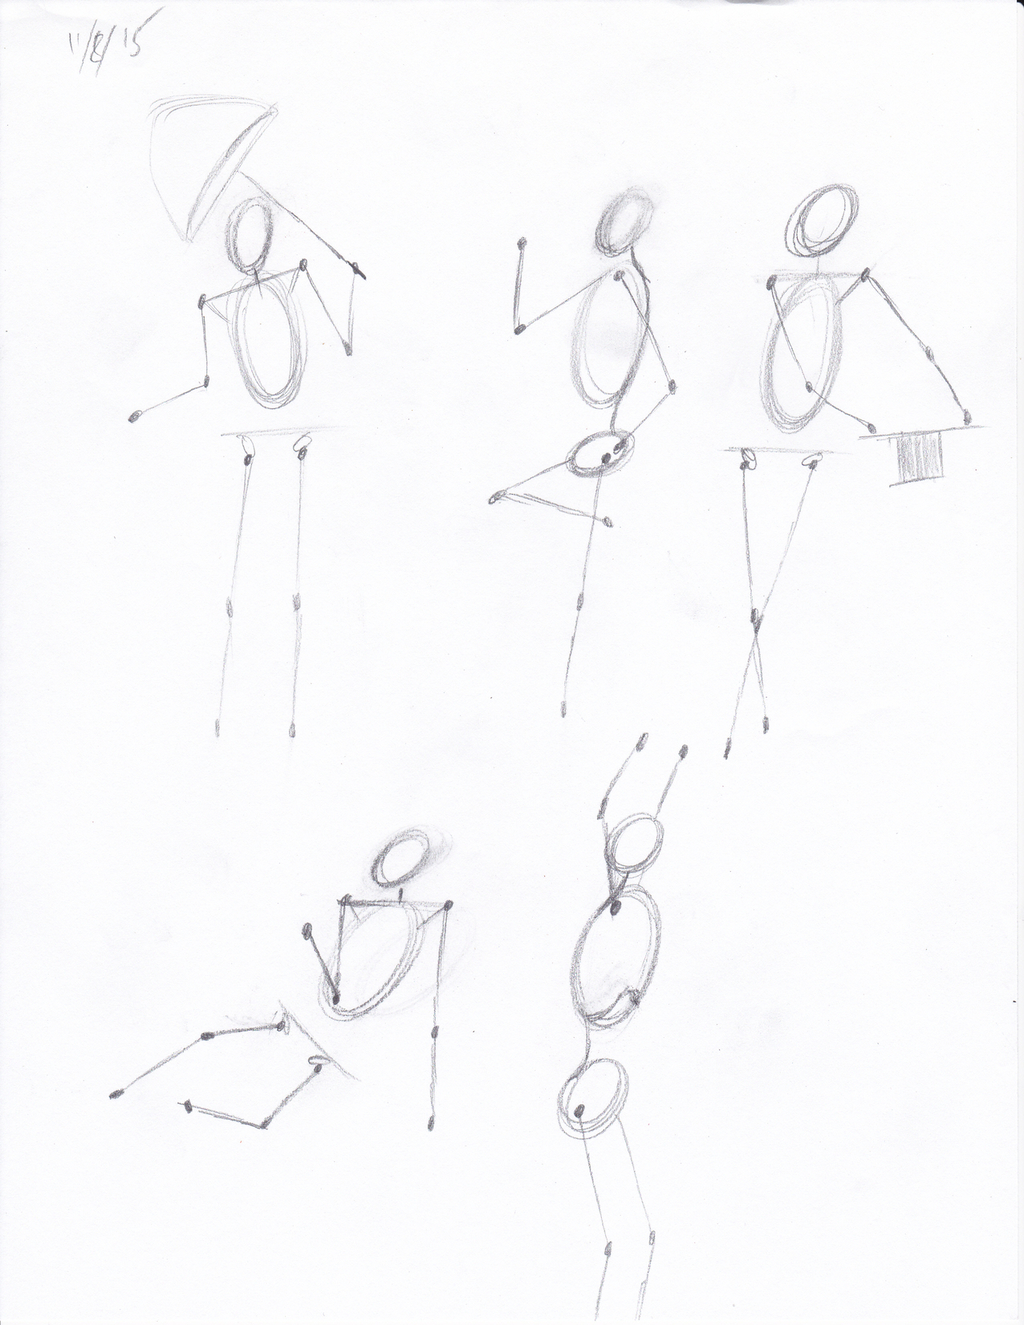 Most recent image: Sketchbook Page 11 - November 15th, 2015